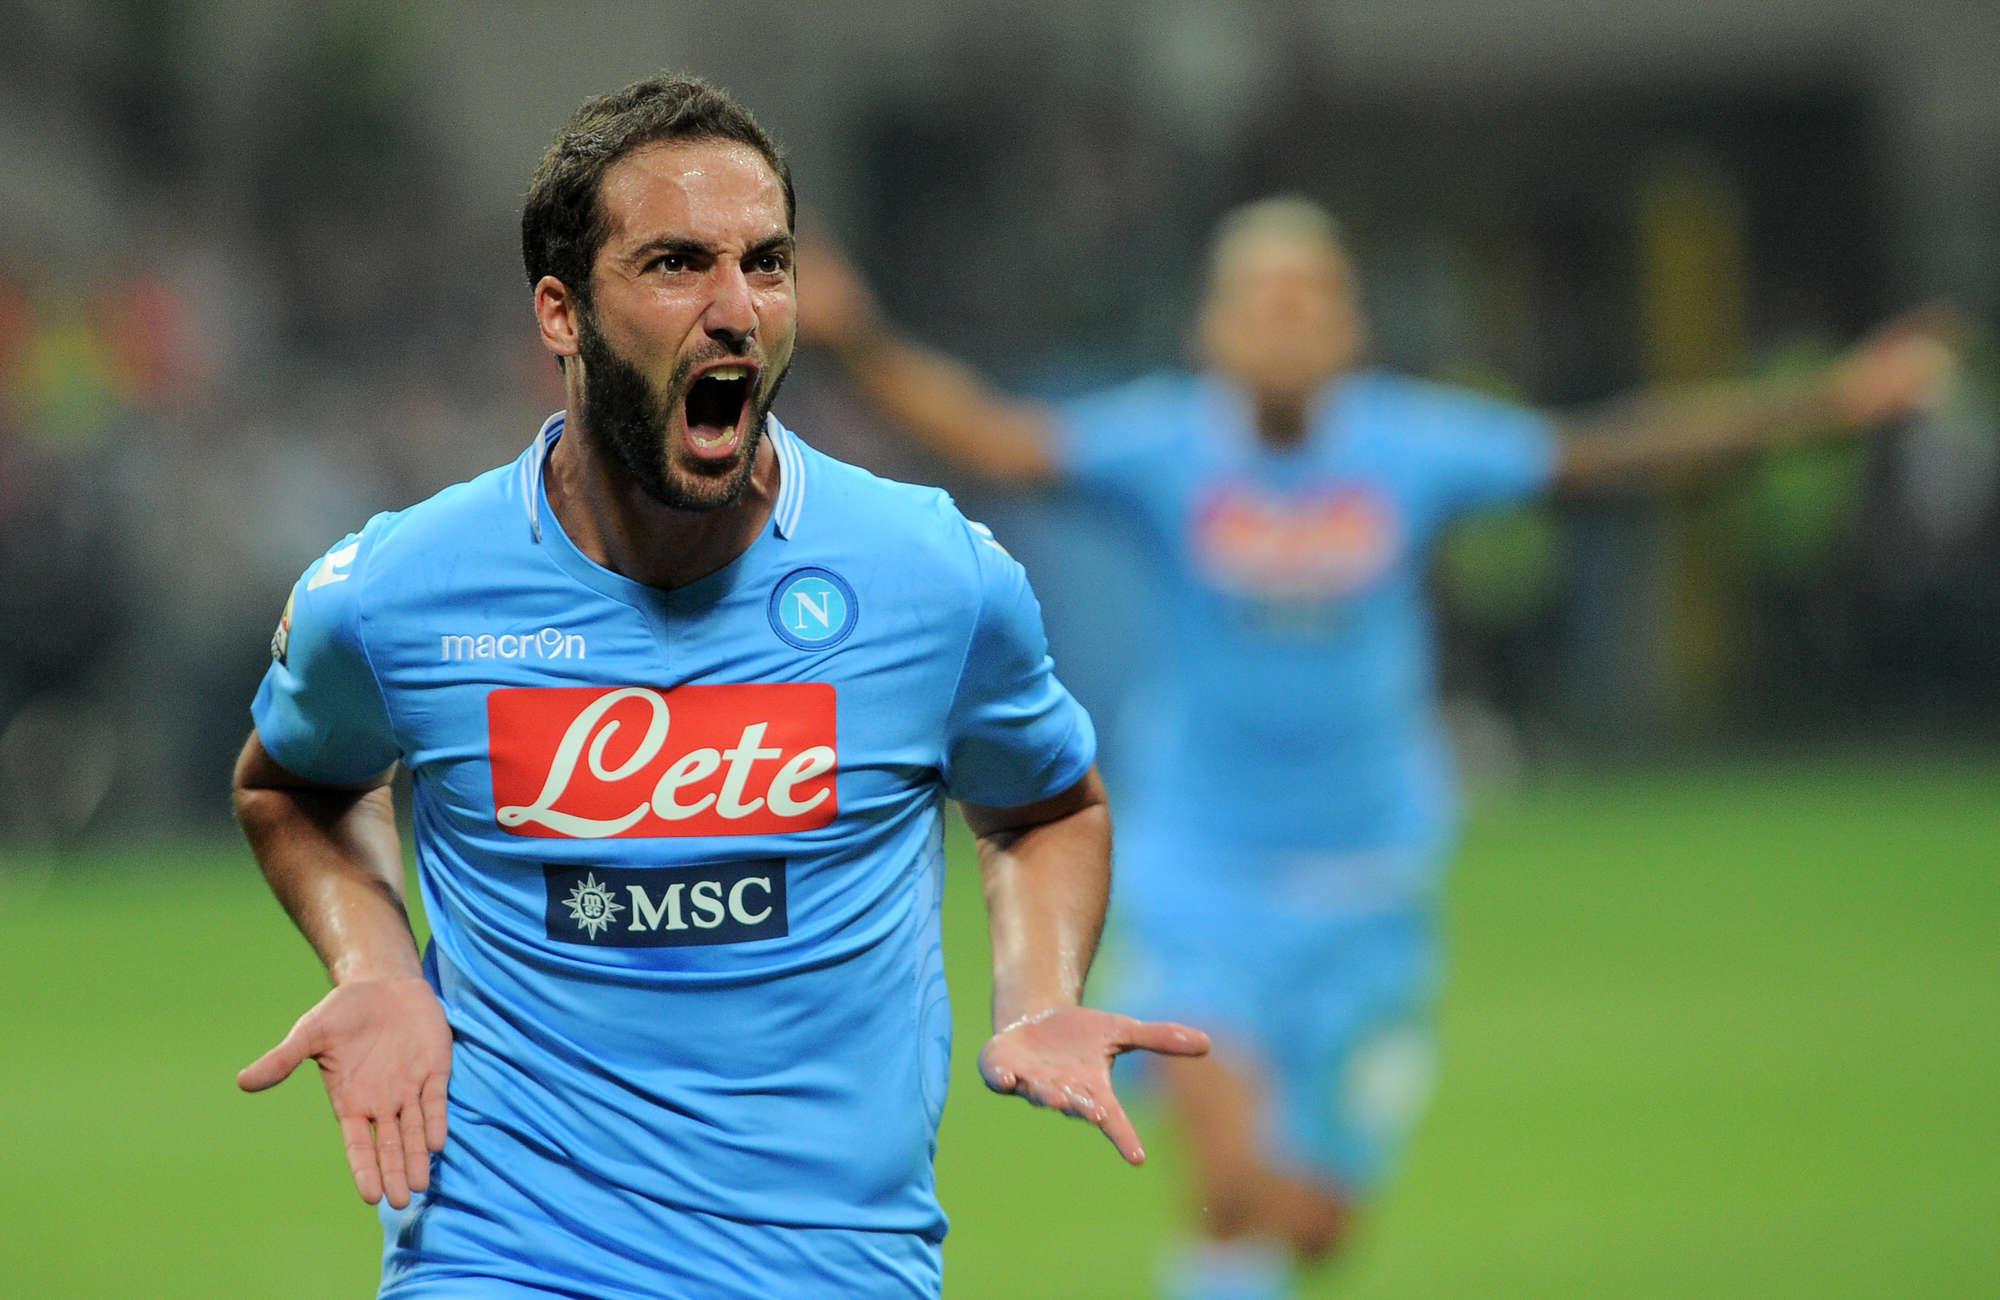 Napoli-Palermo 2-0,mammtweet/Guardate io non lo so cosa ci ha fatto Sarri a Higuain ma qualsiasi cosa gli abbia fatto facciamogliela fare pure ai macchinisti della Circumvesuviana